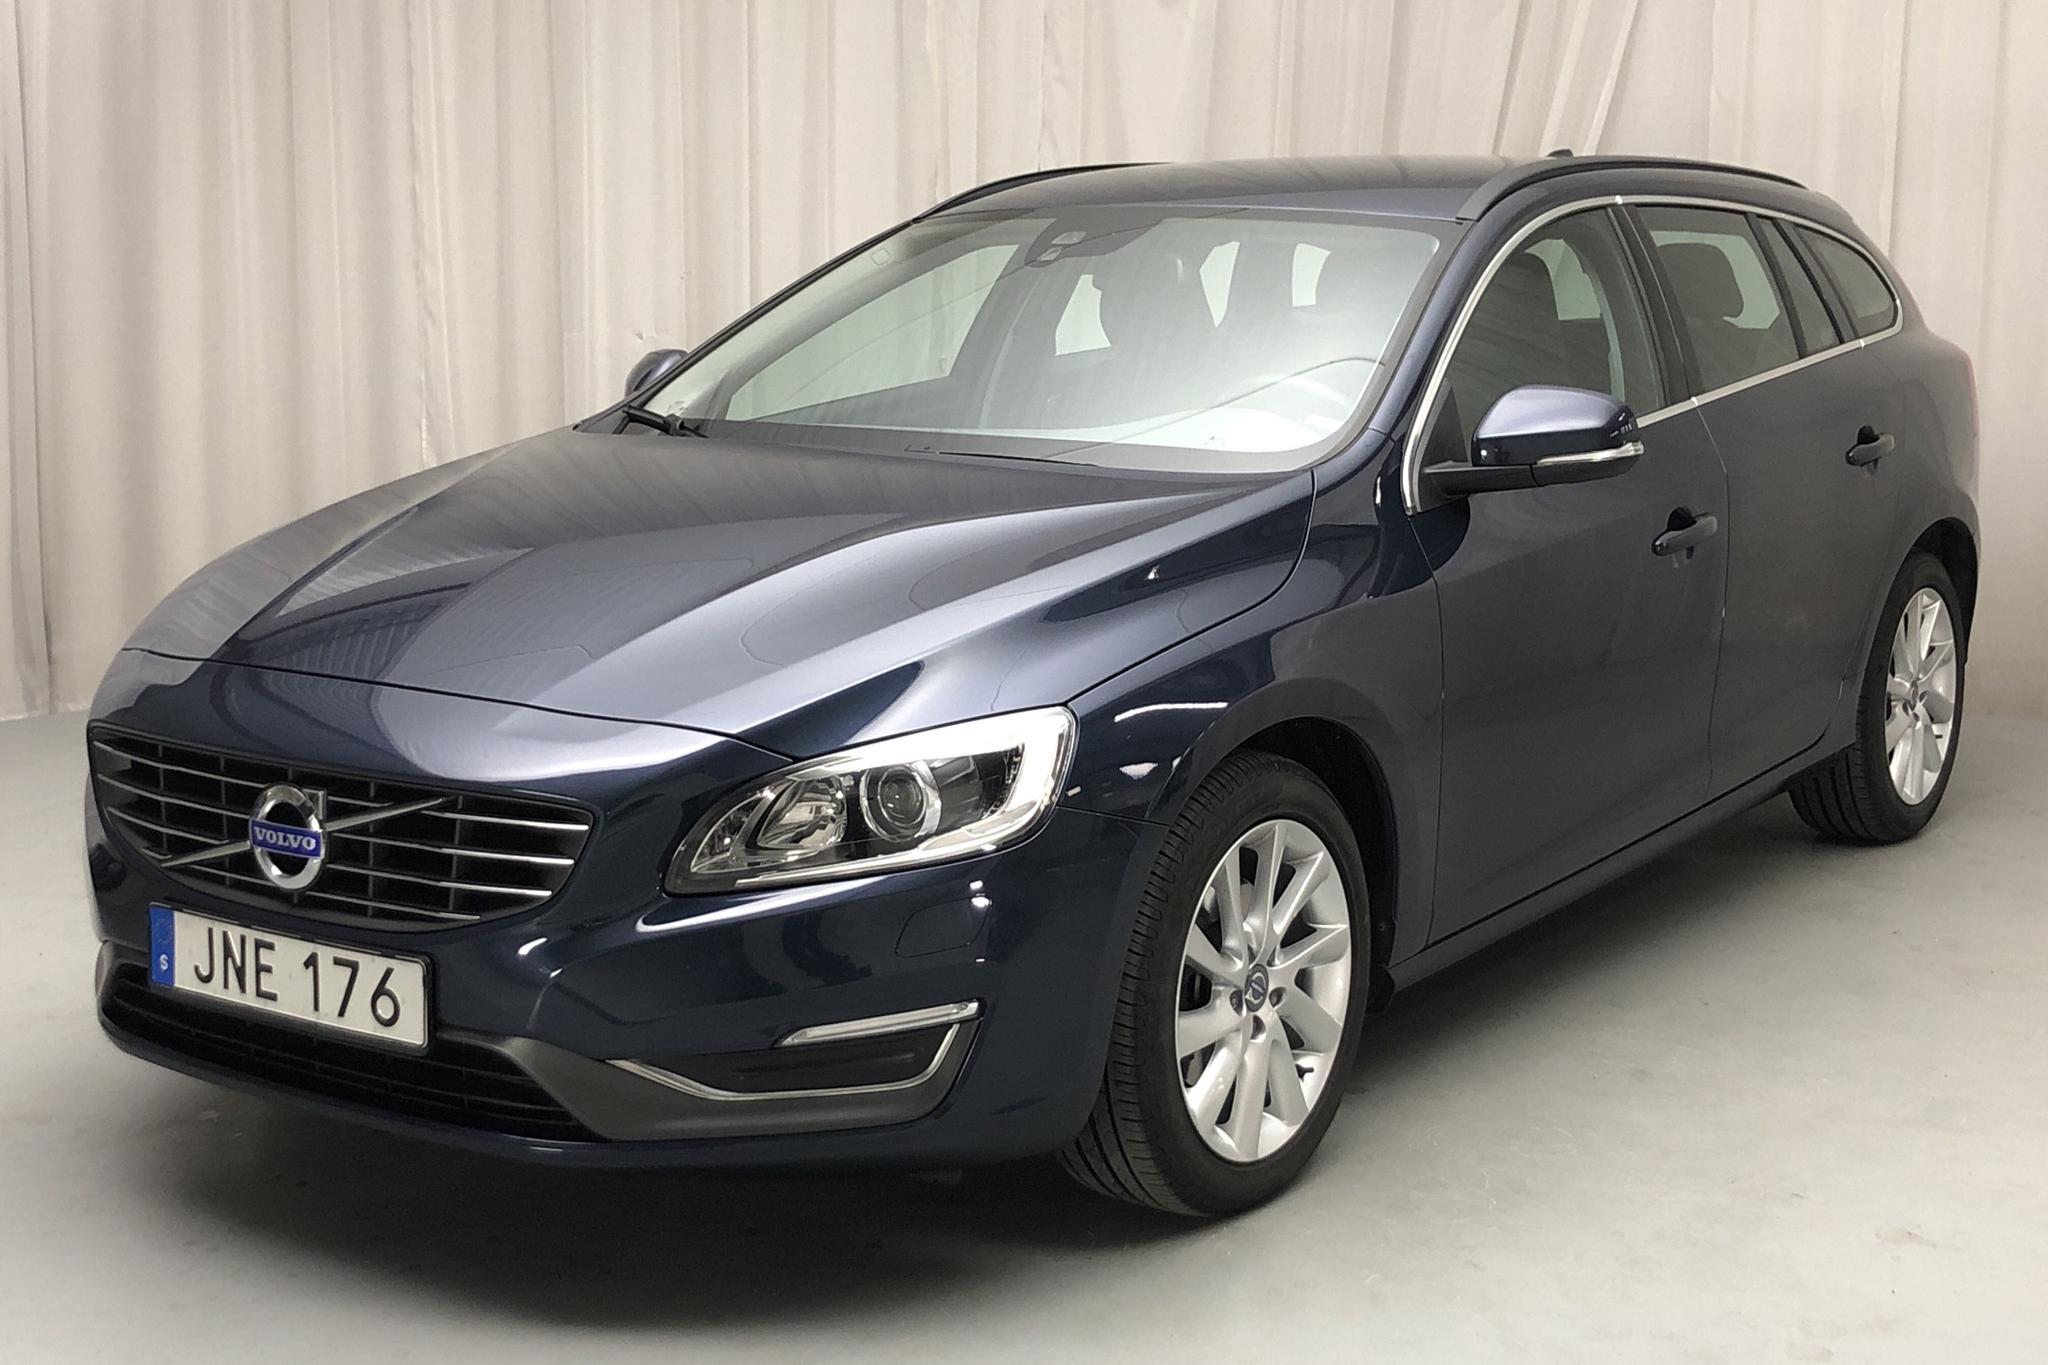 Volvo V60 D2 (115hk) - 45 410 km - Automatic - blue - 2015